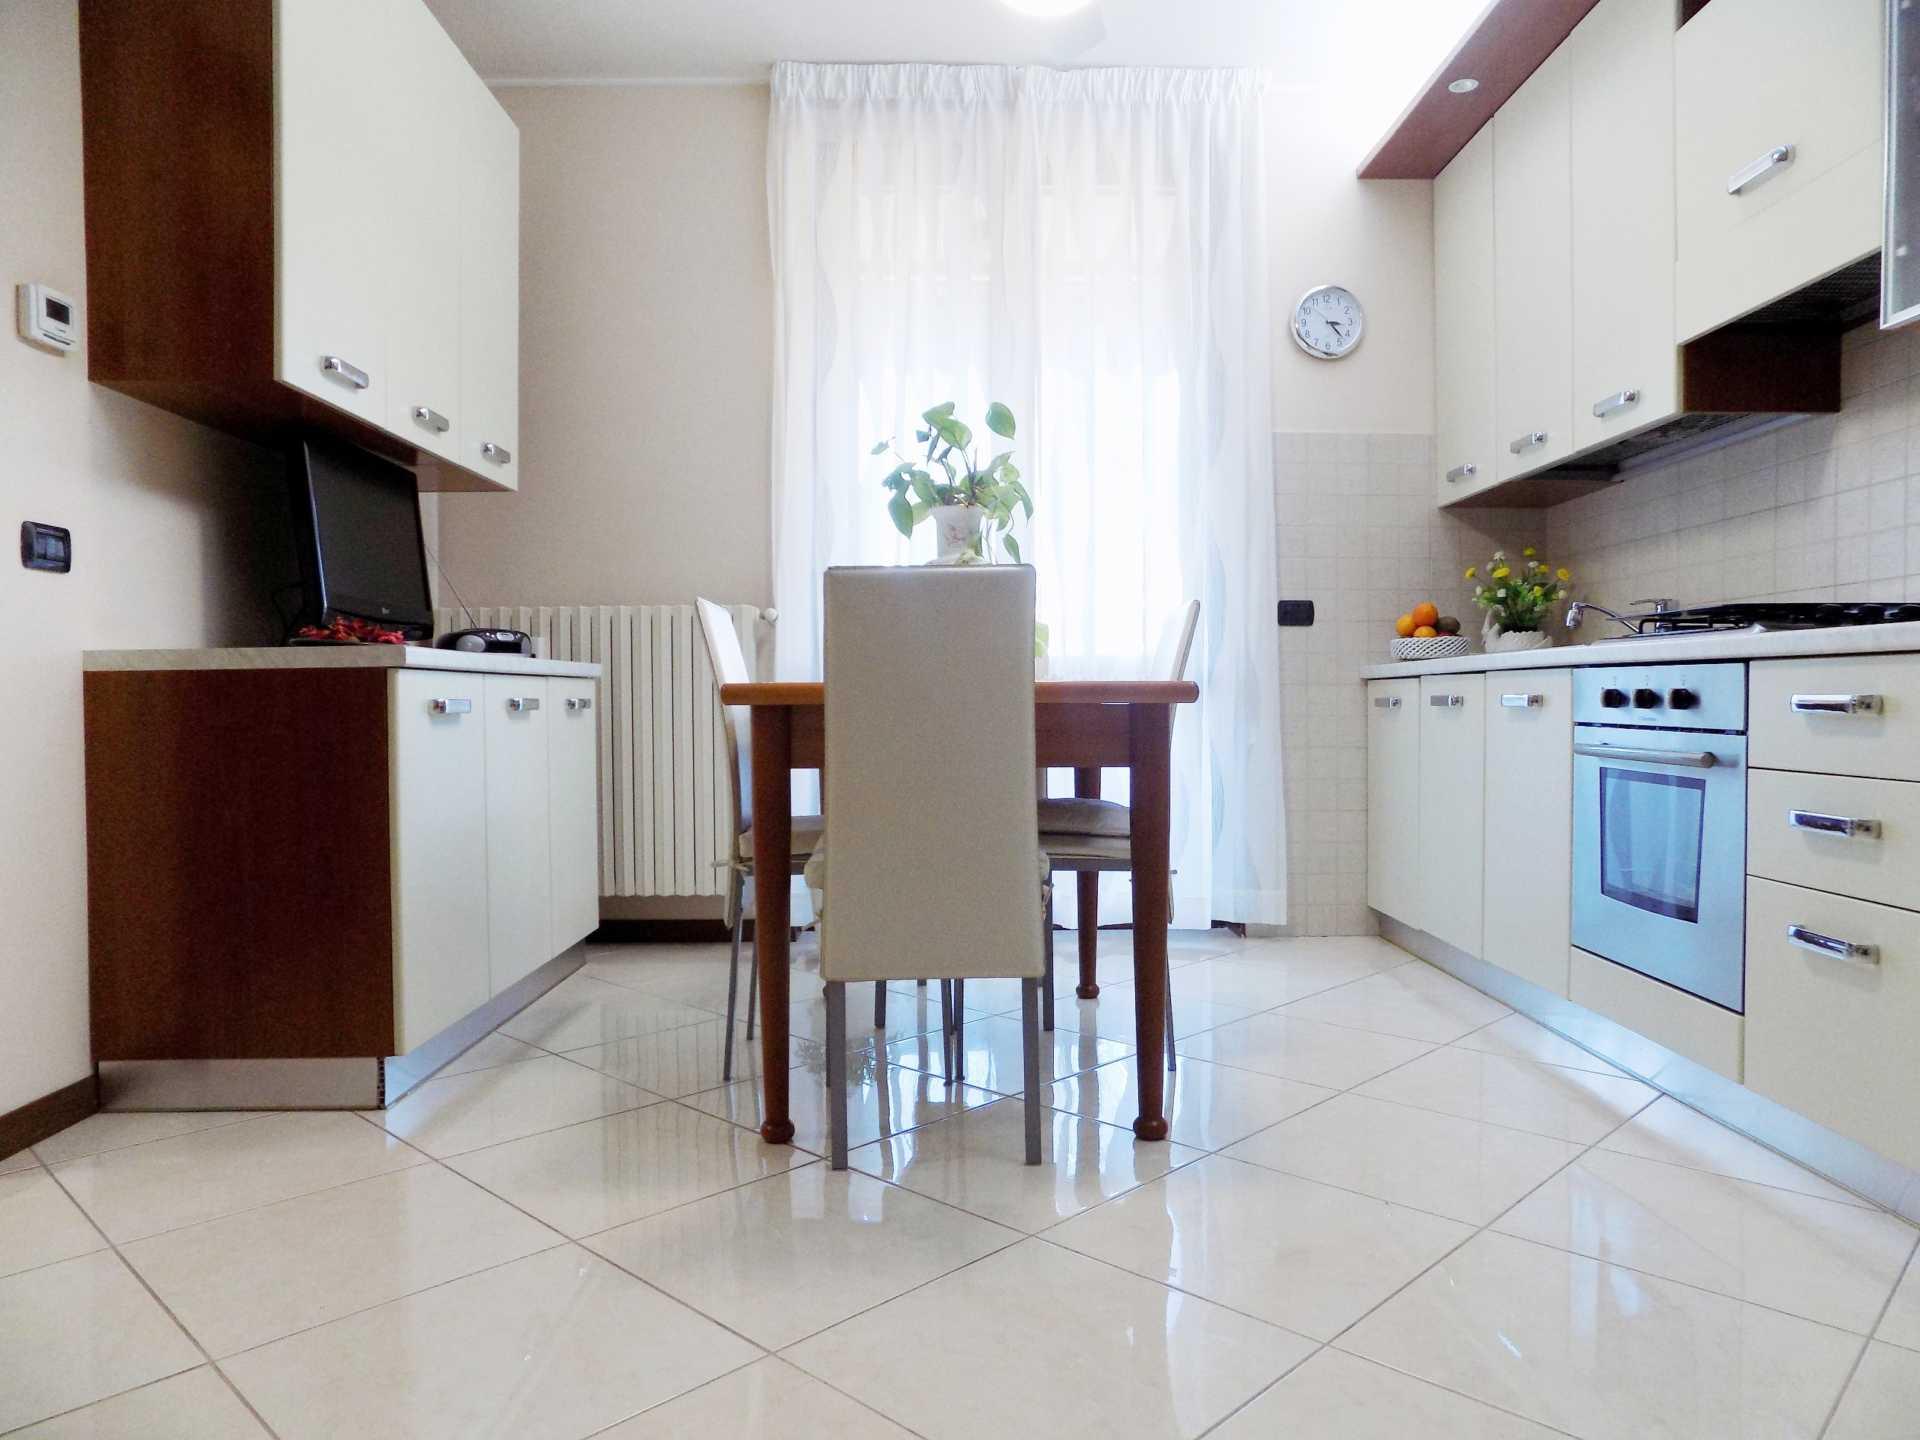 Bernareggio-appartamento-in-vendita (4)